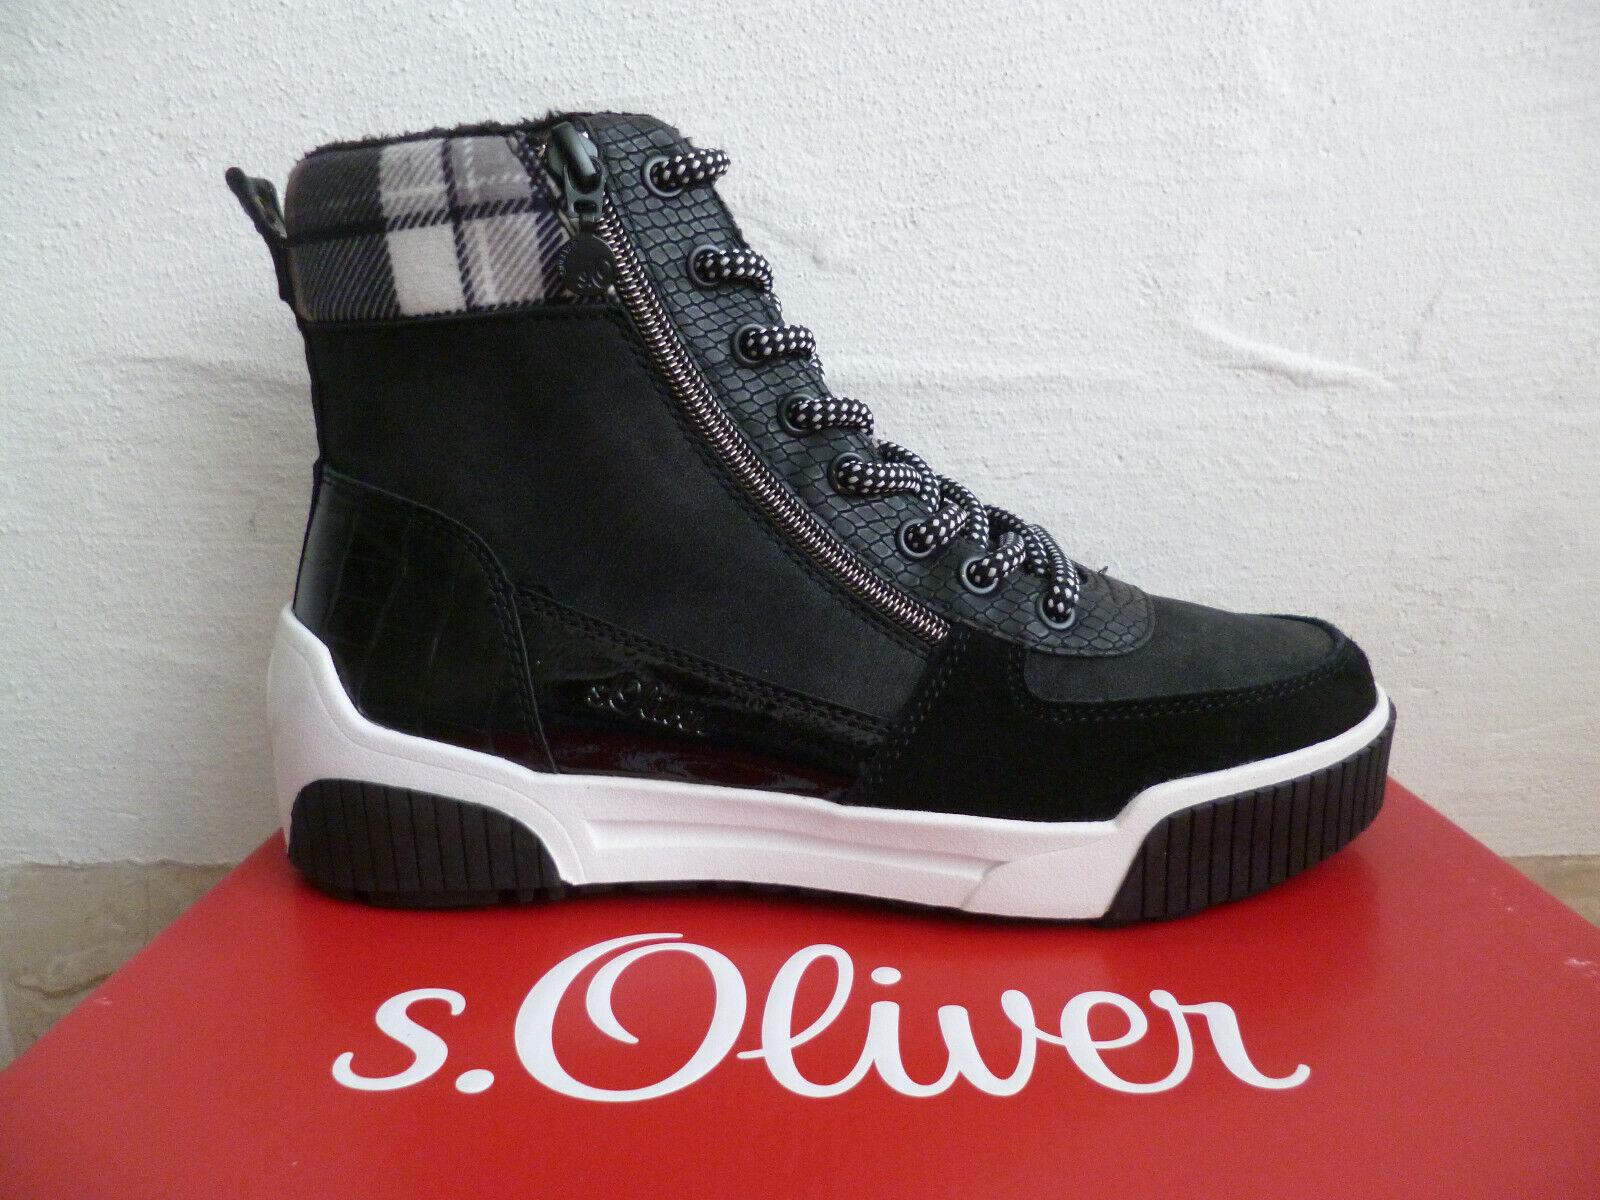 s.Oliver Damen Stiefelette Stiefel Winterstiefel Boots schwarz  NEU